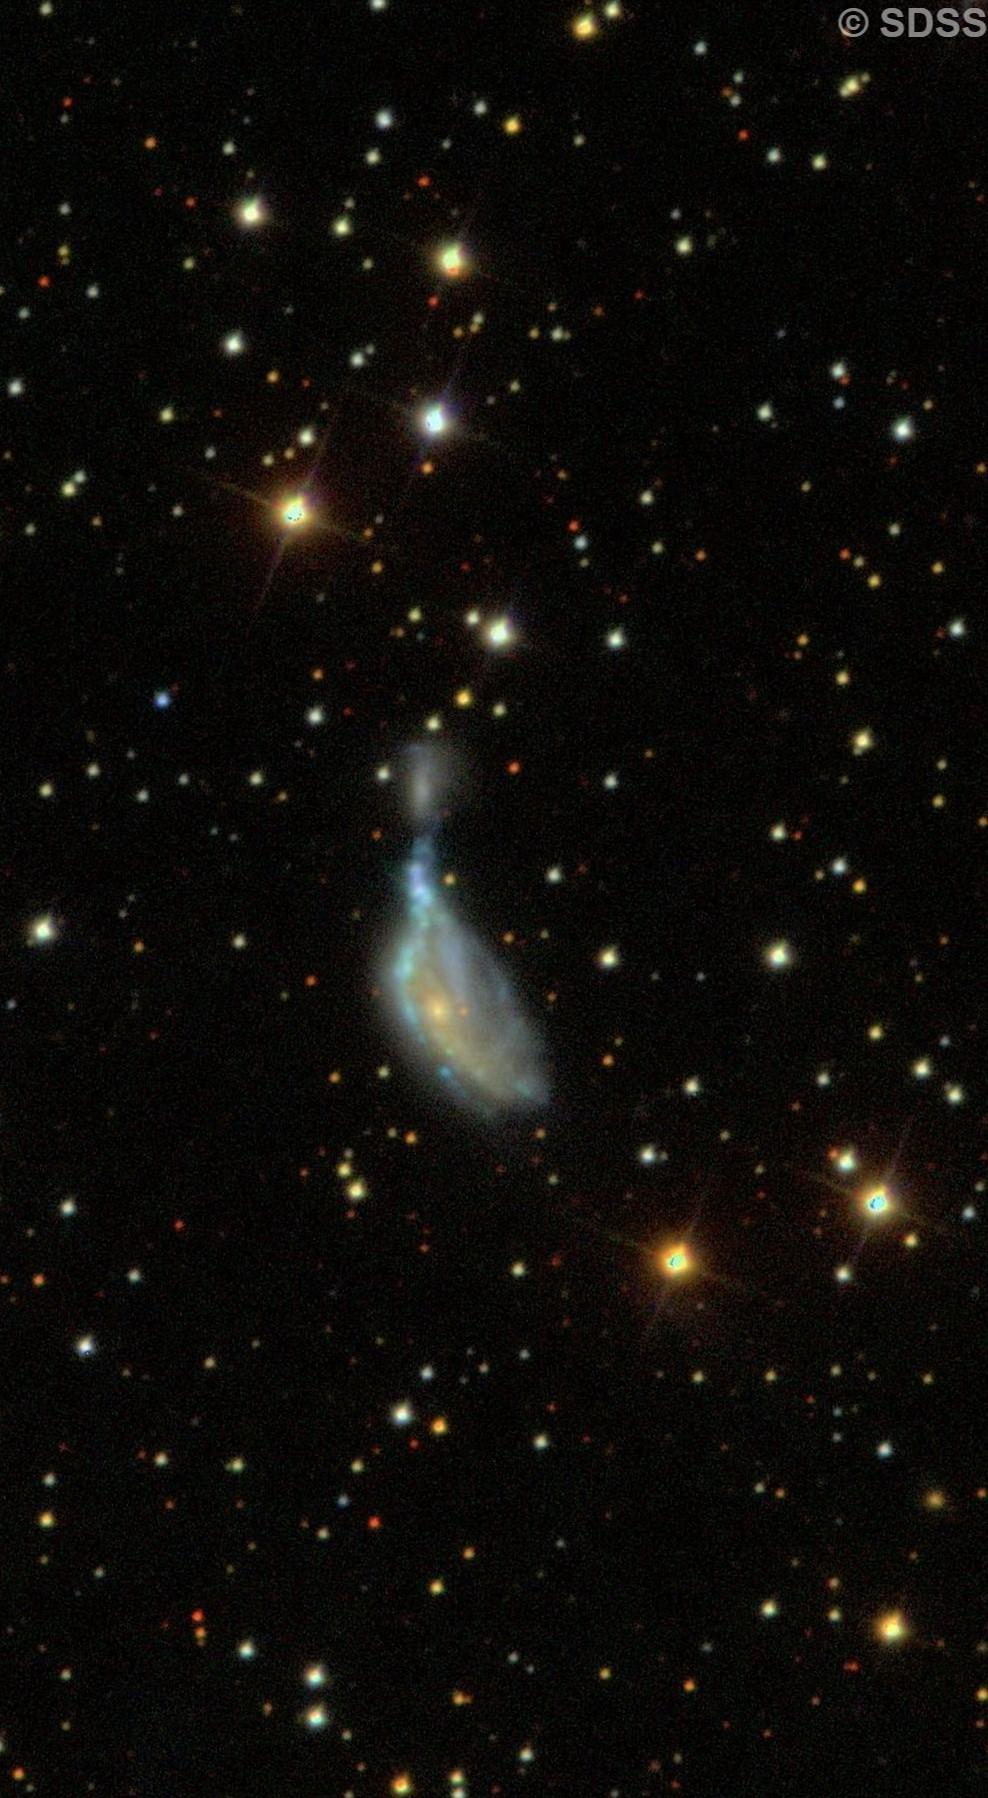 NGC 4765